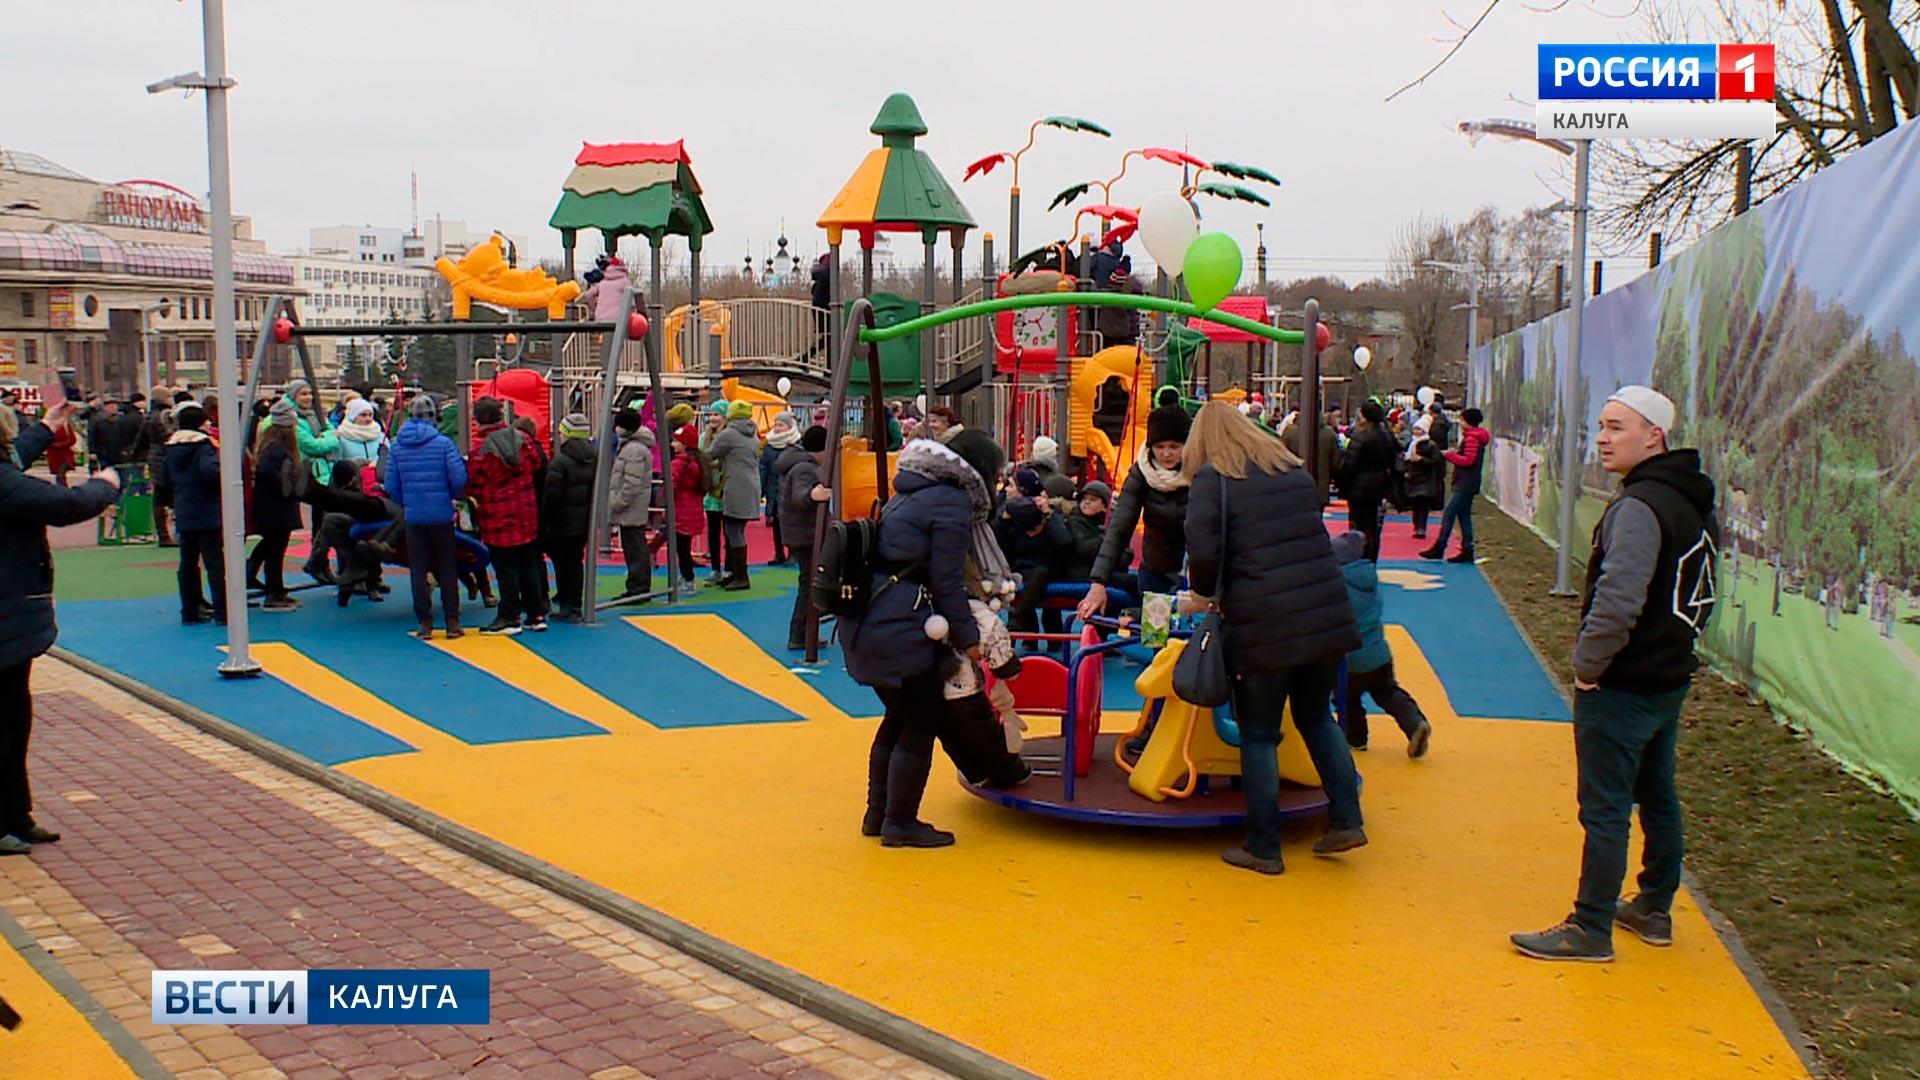 Новый парк построили вКалуге наместе прежнего центрального рынка